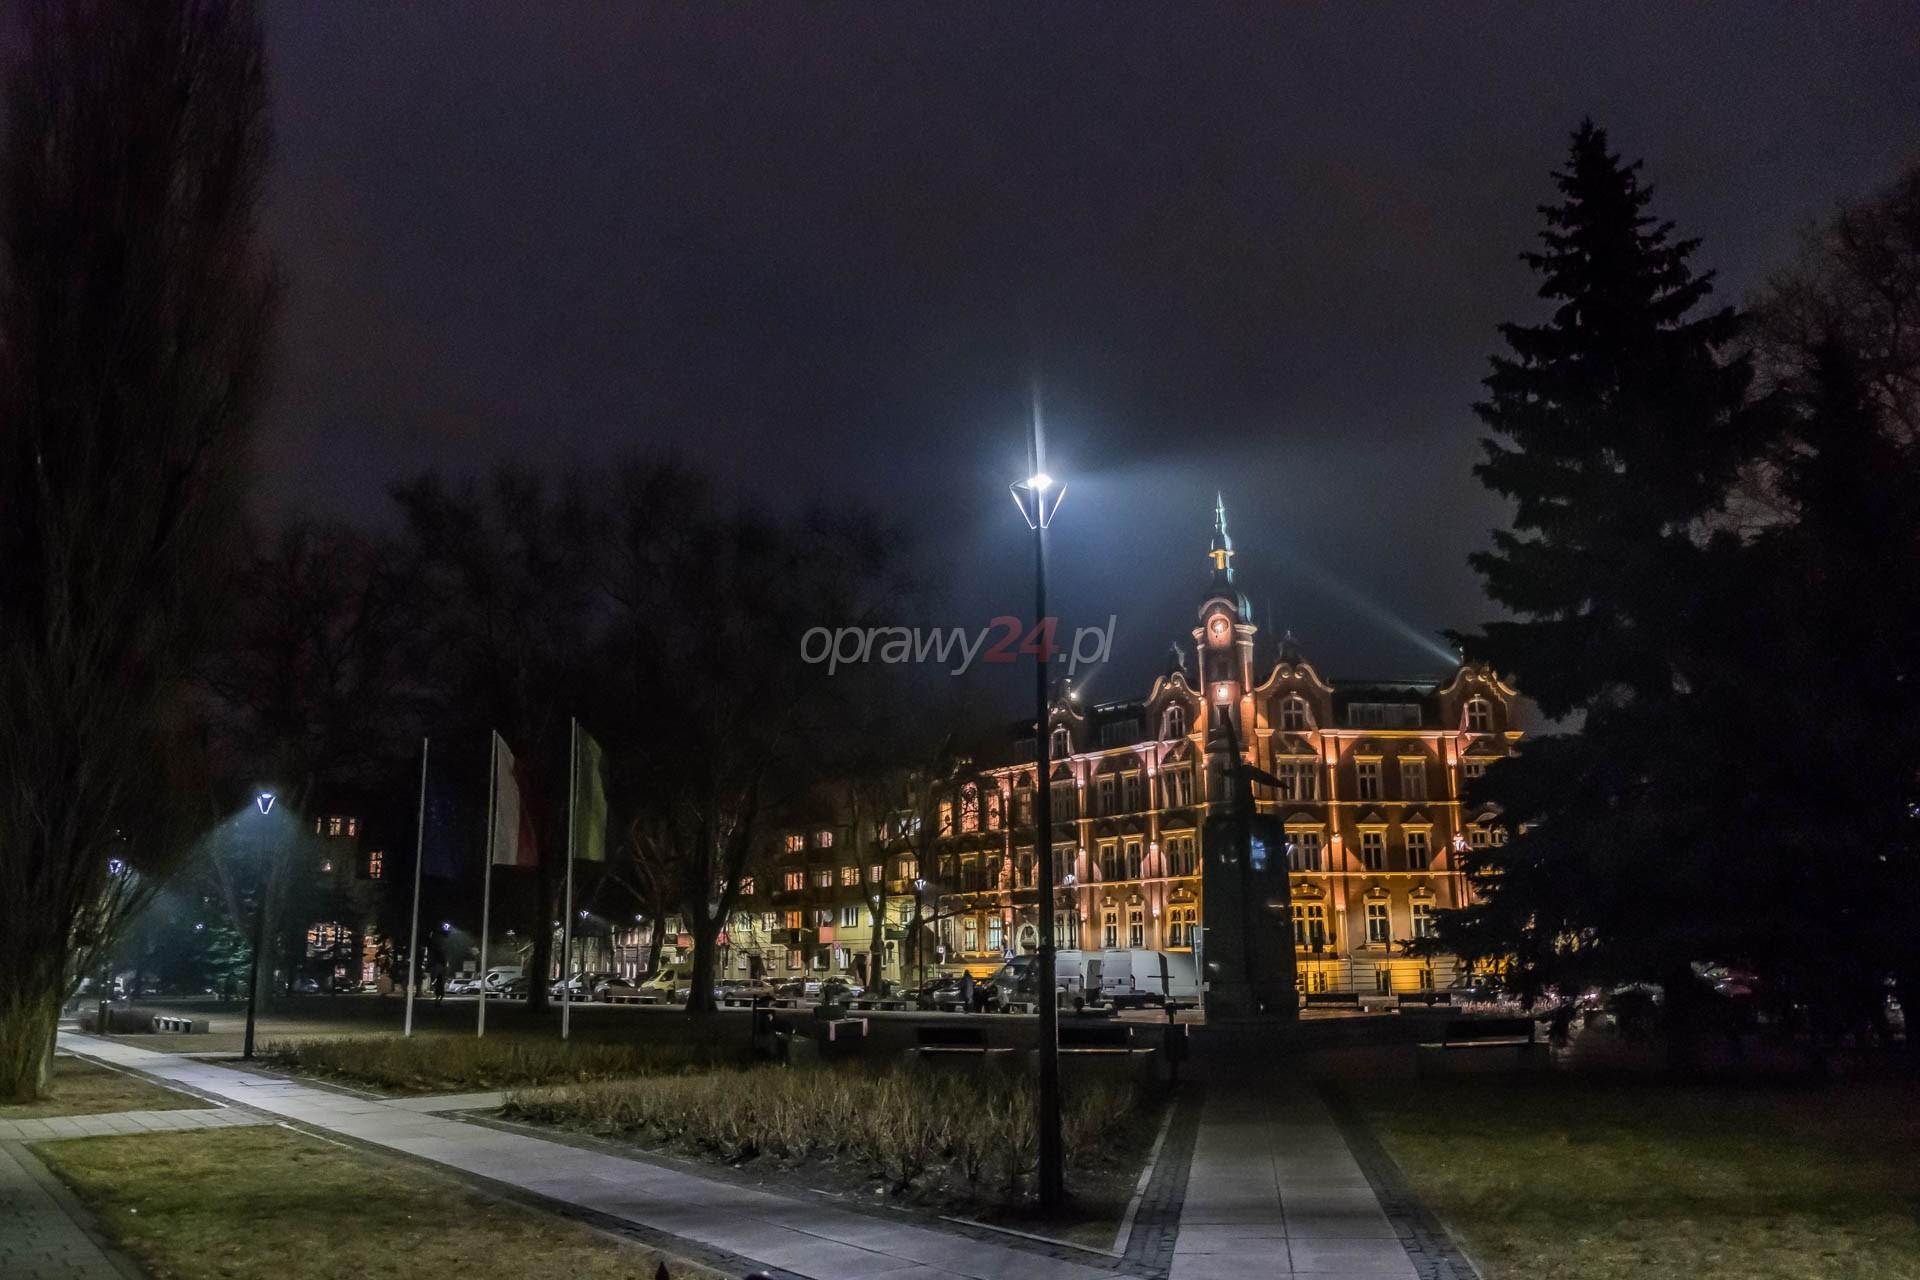 Siemianowice Śląskie z nowym oświetleniem LED